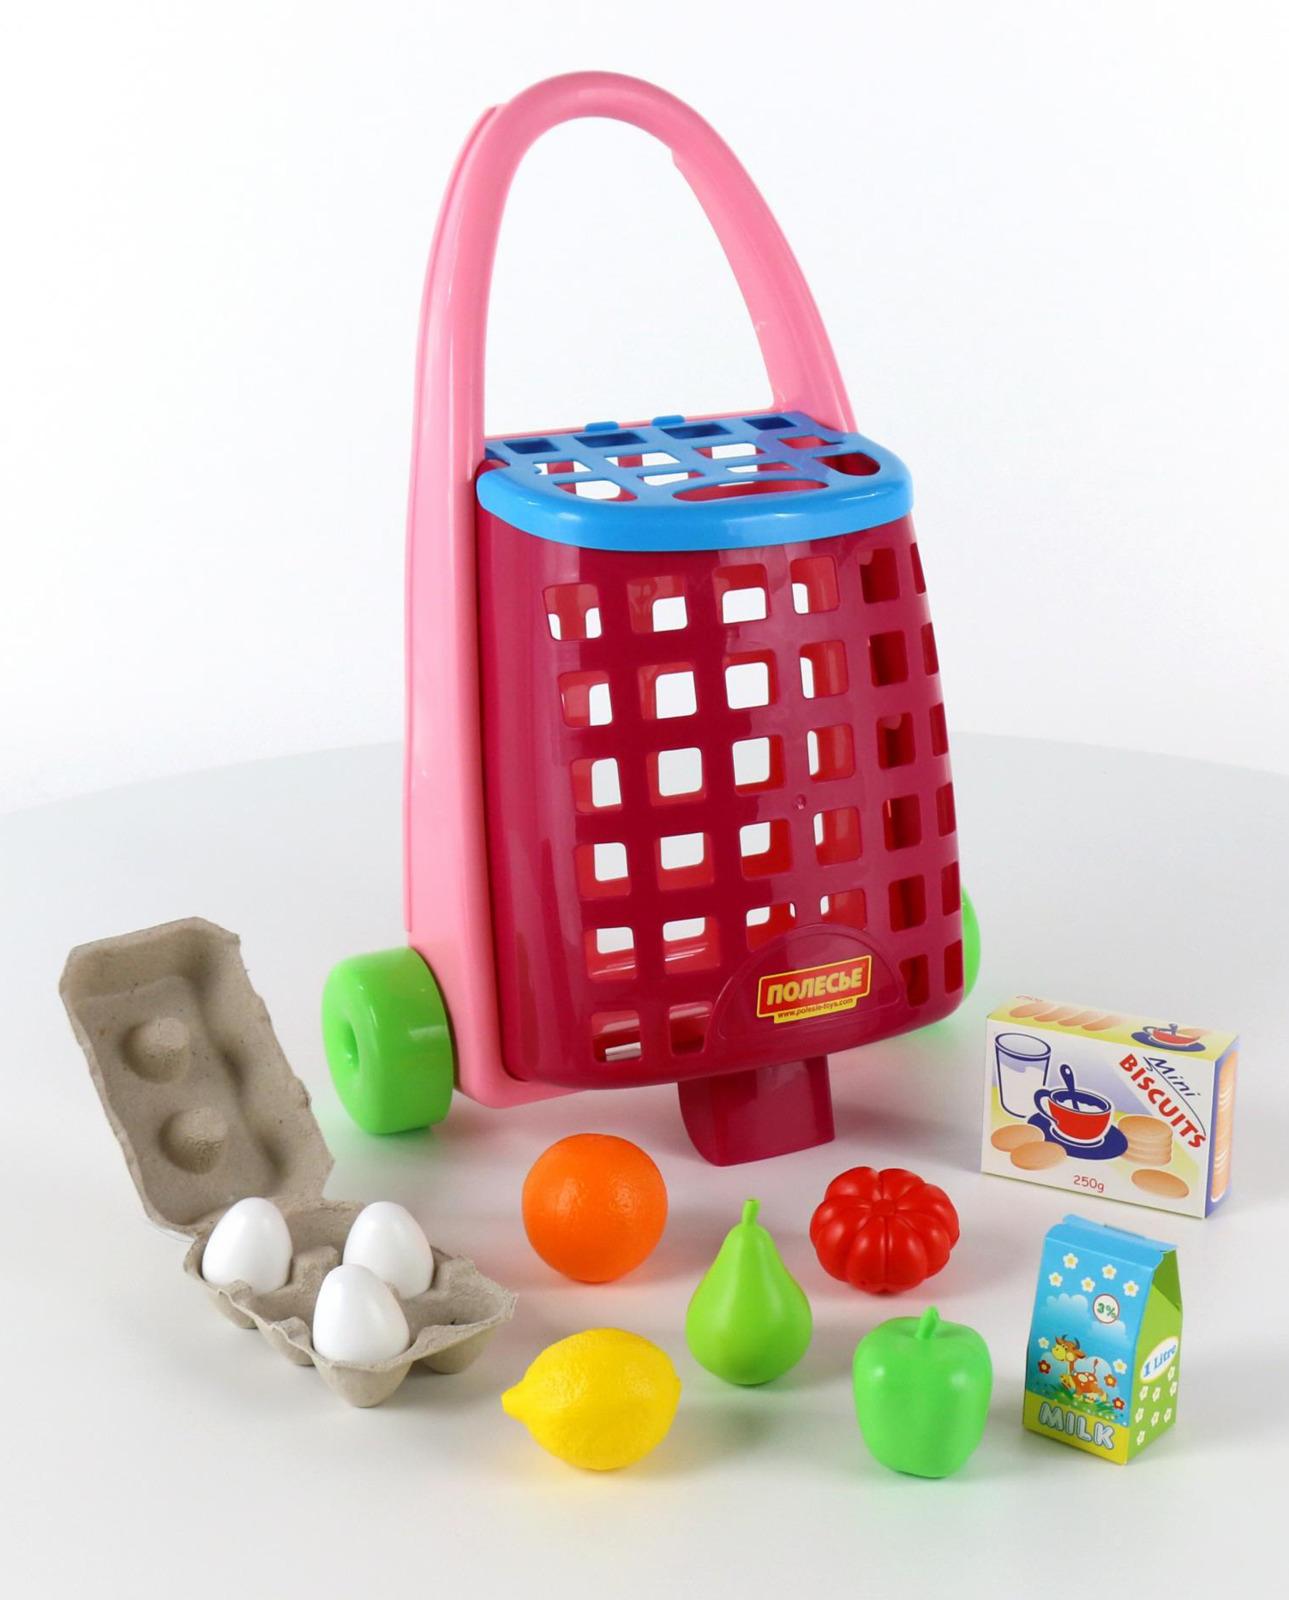 Фото - Тележка Полесье + набор продуктов, 11 элементов, цвет в ассортименте полесье игрушечная тележка supermarket 1 с набором продуктов цвет в ассортименте